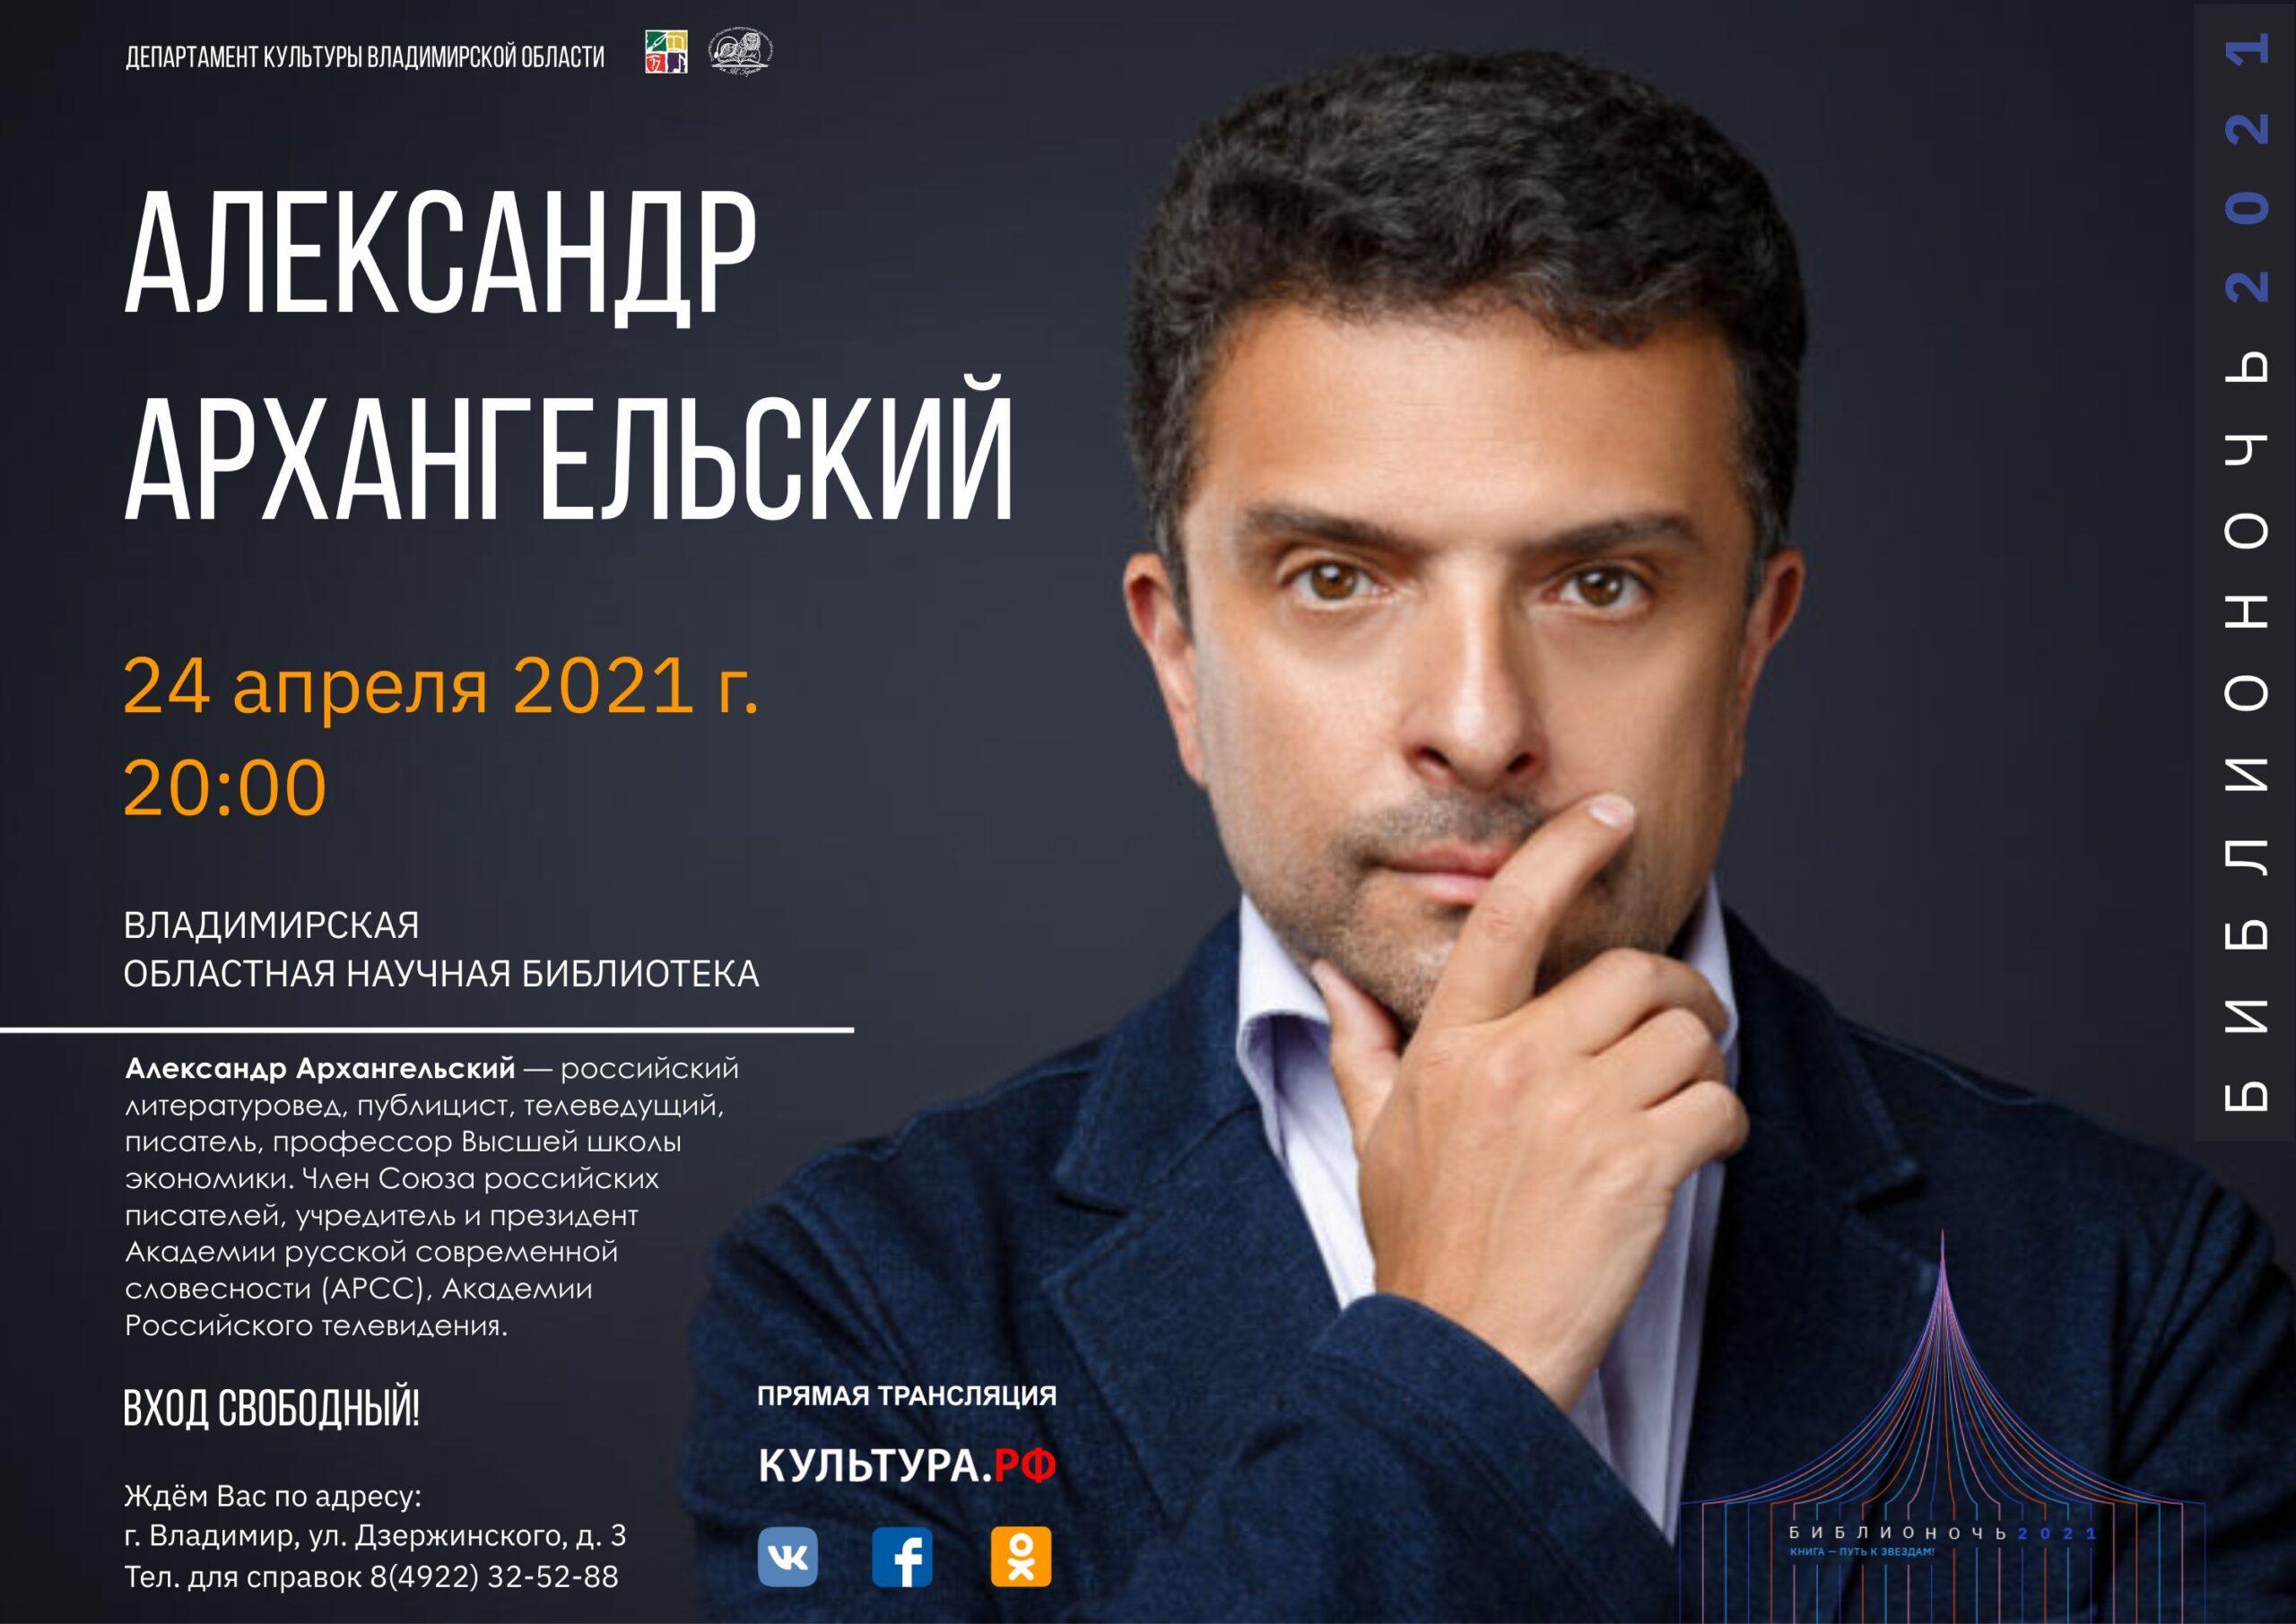 Встреча с Александром Архангельским Афиша